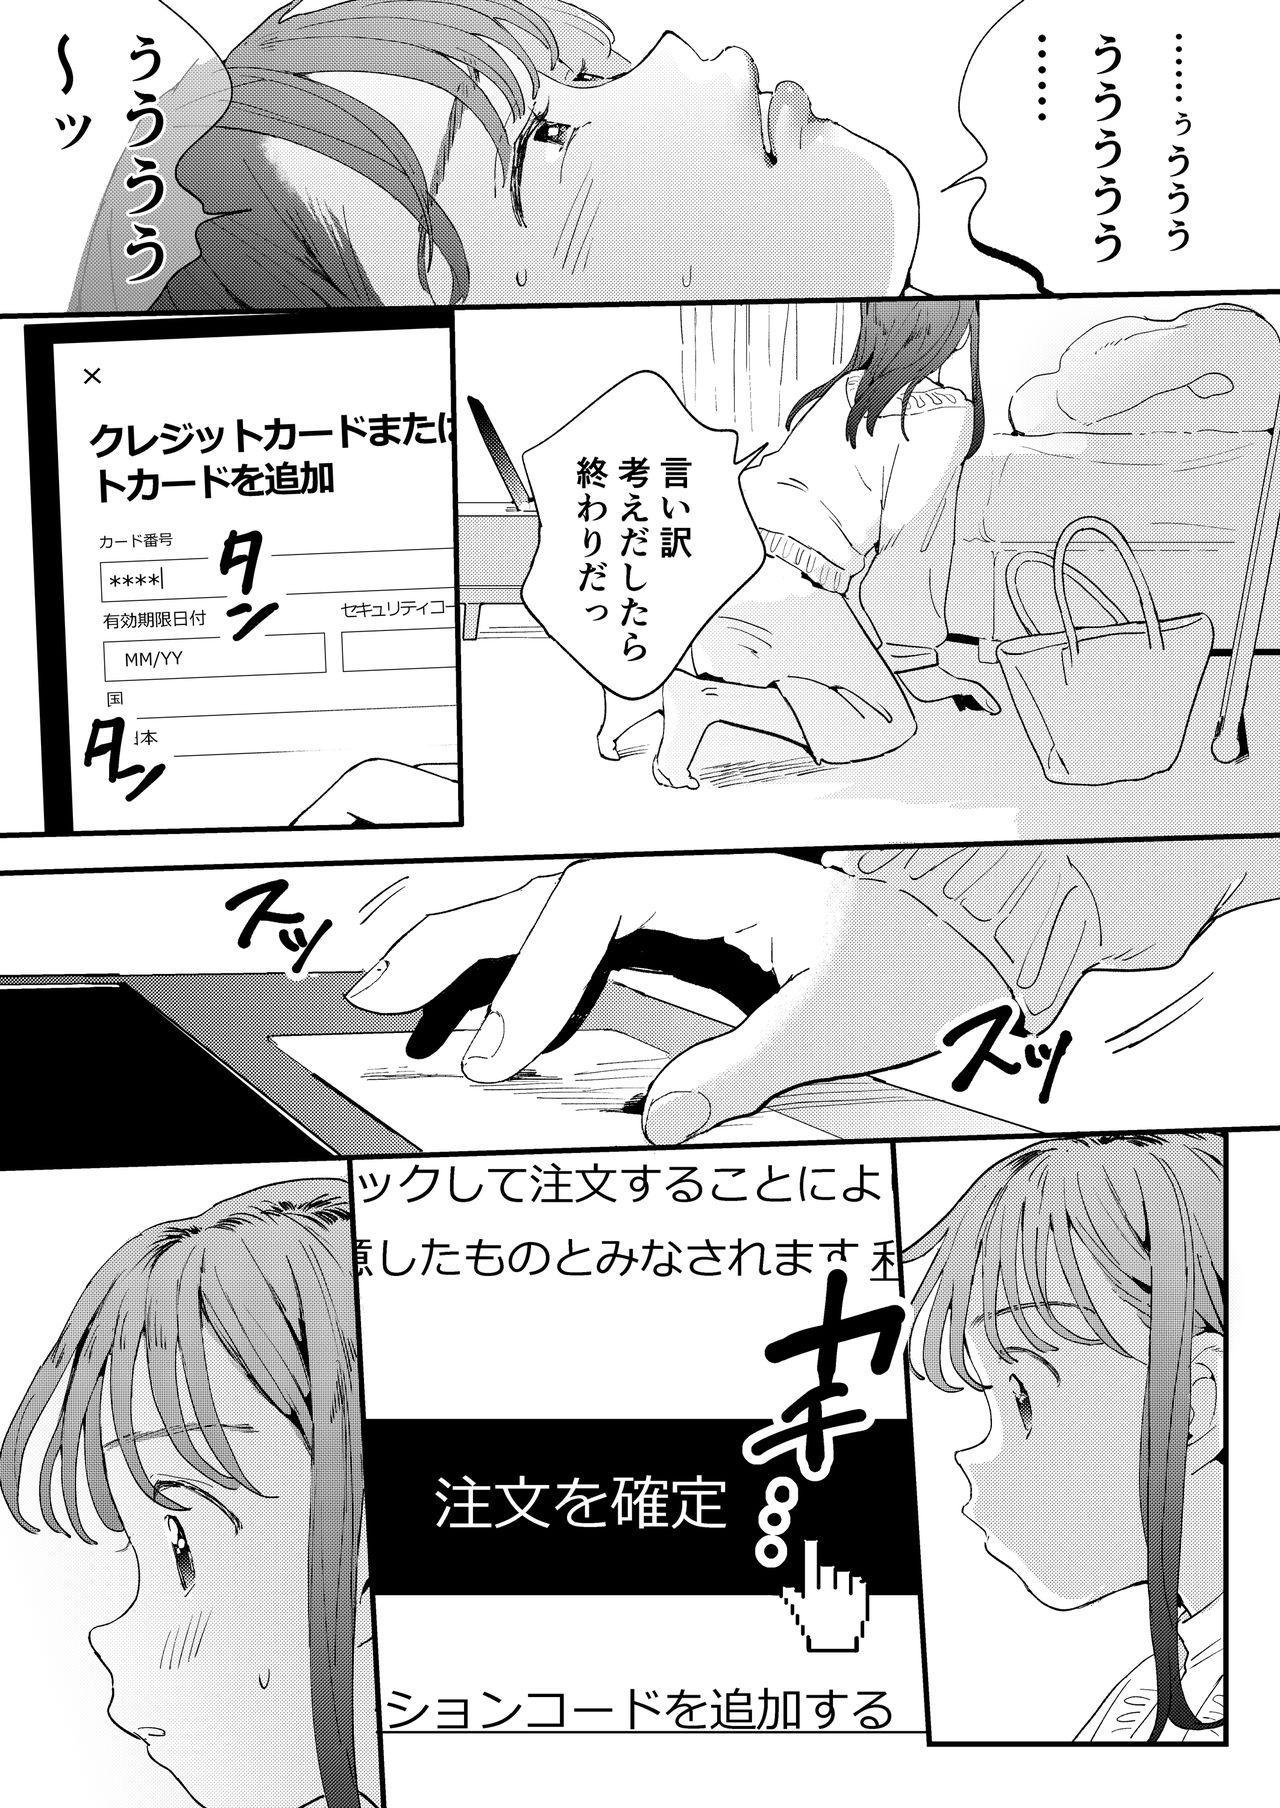 ●●●rちんこを頼みたいお姉さん 13